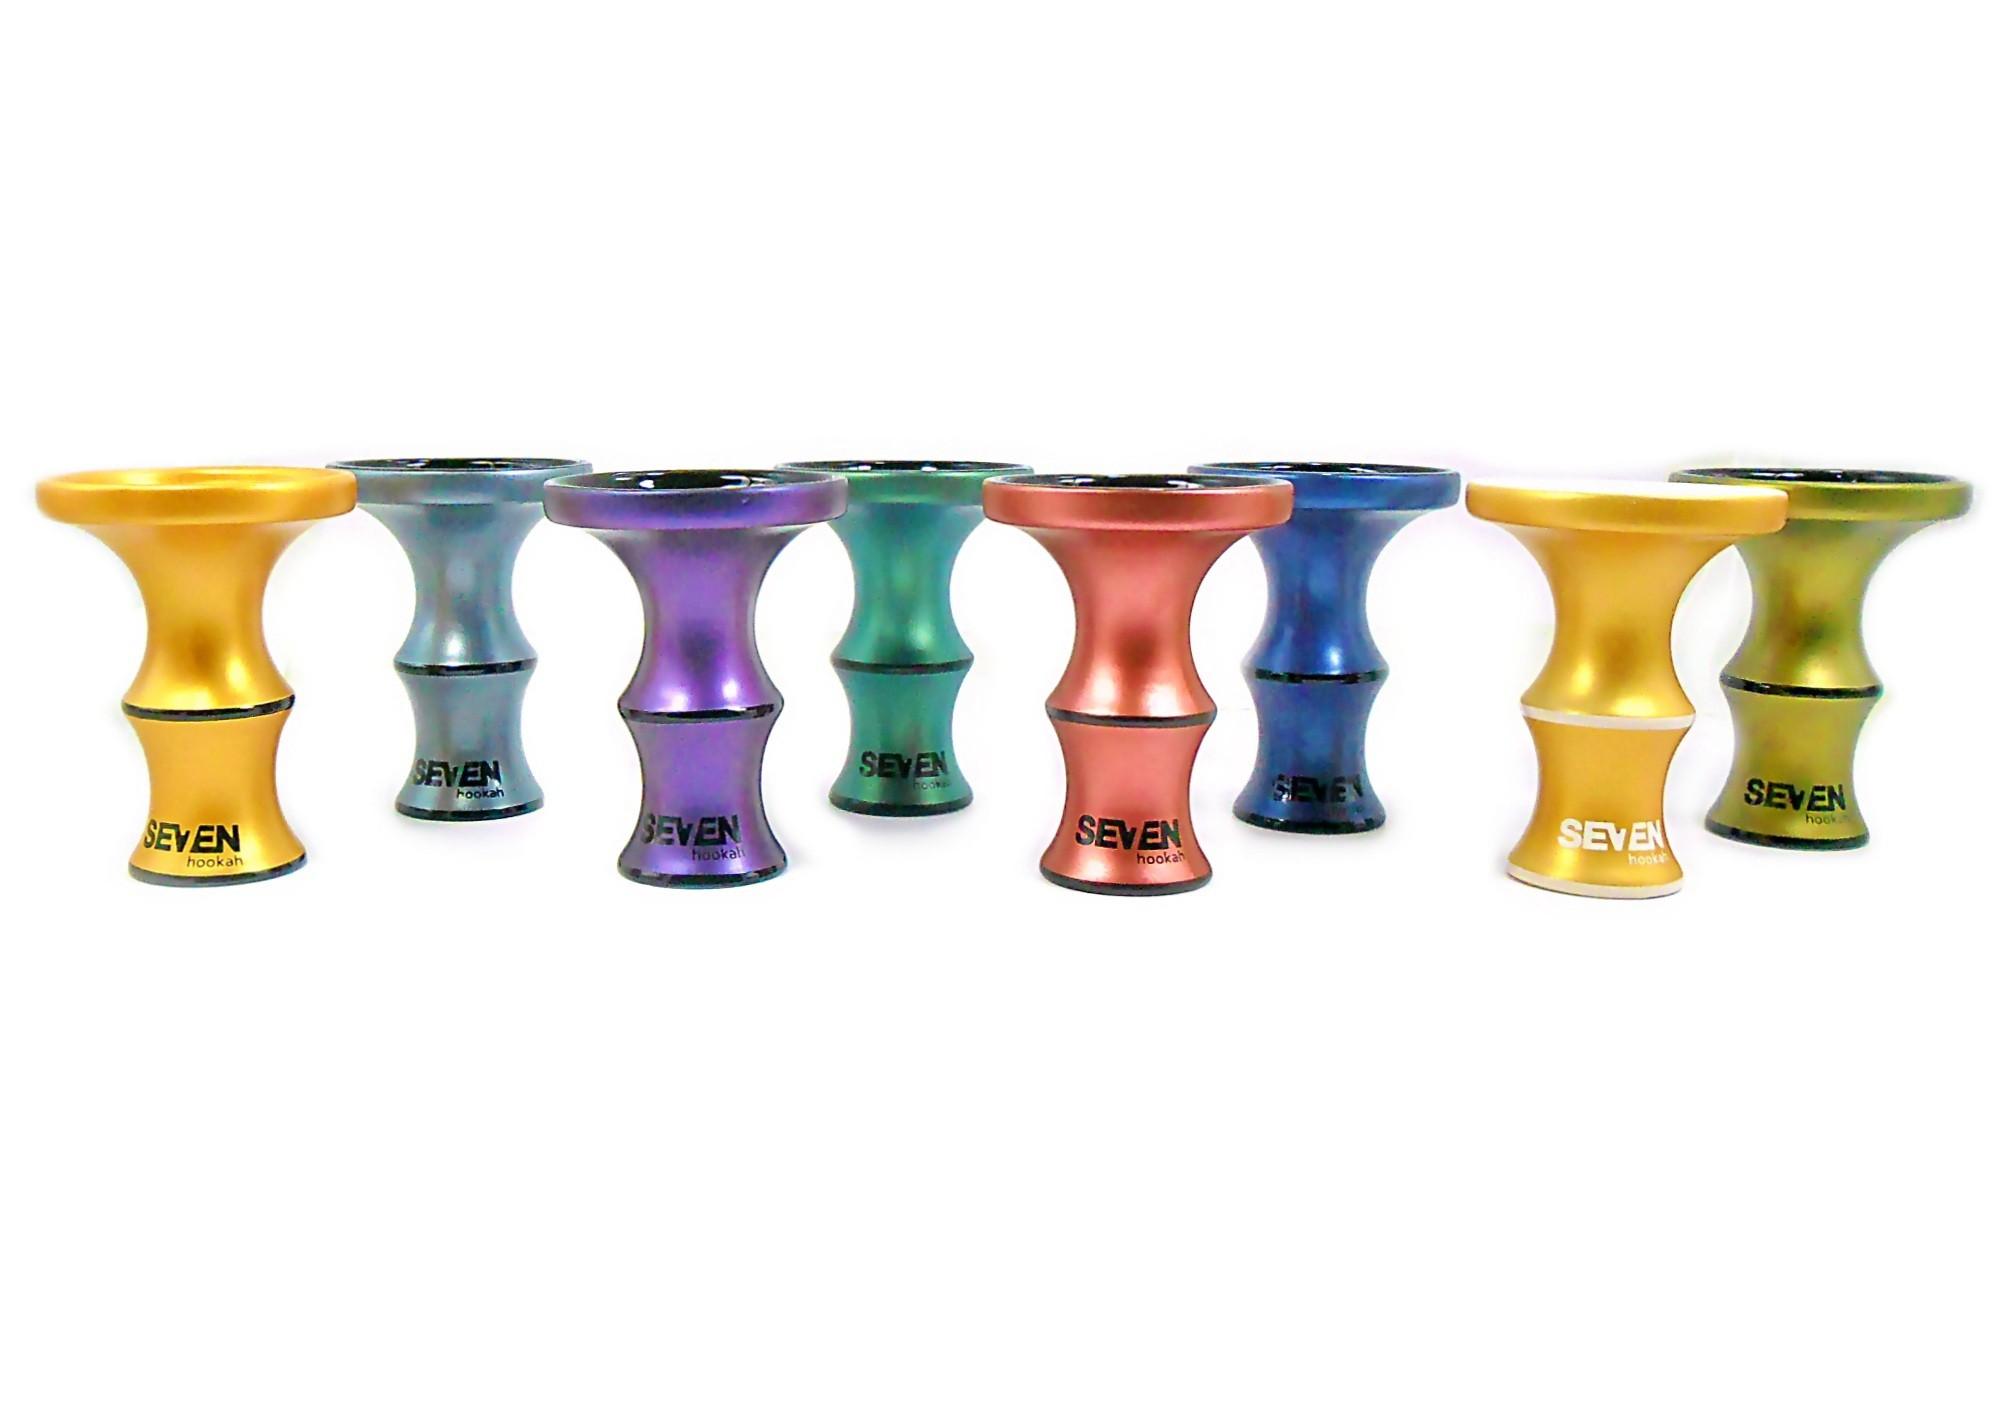 Fornilho/Rosh Seven Bowl Premium, em cerâmica super refratária e pintura especial acetinada. 10cm.